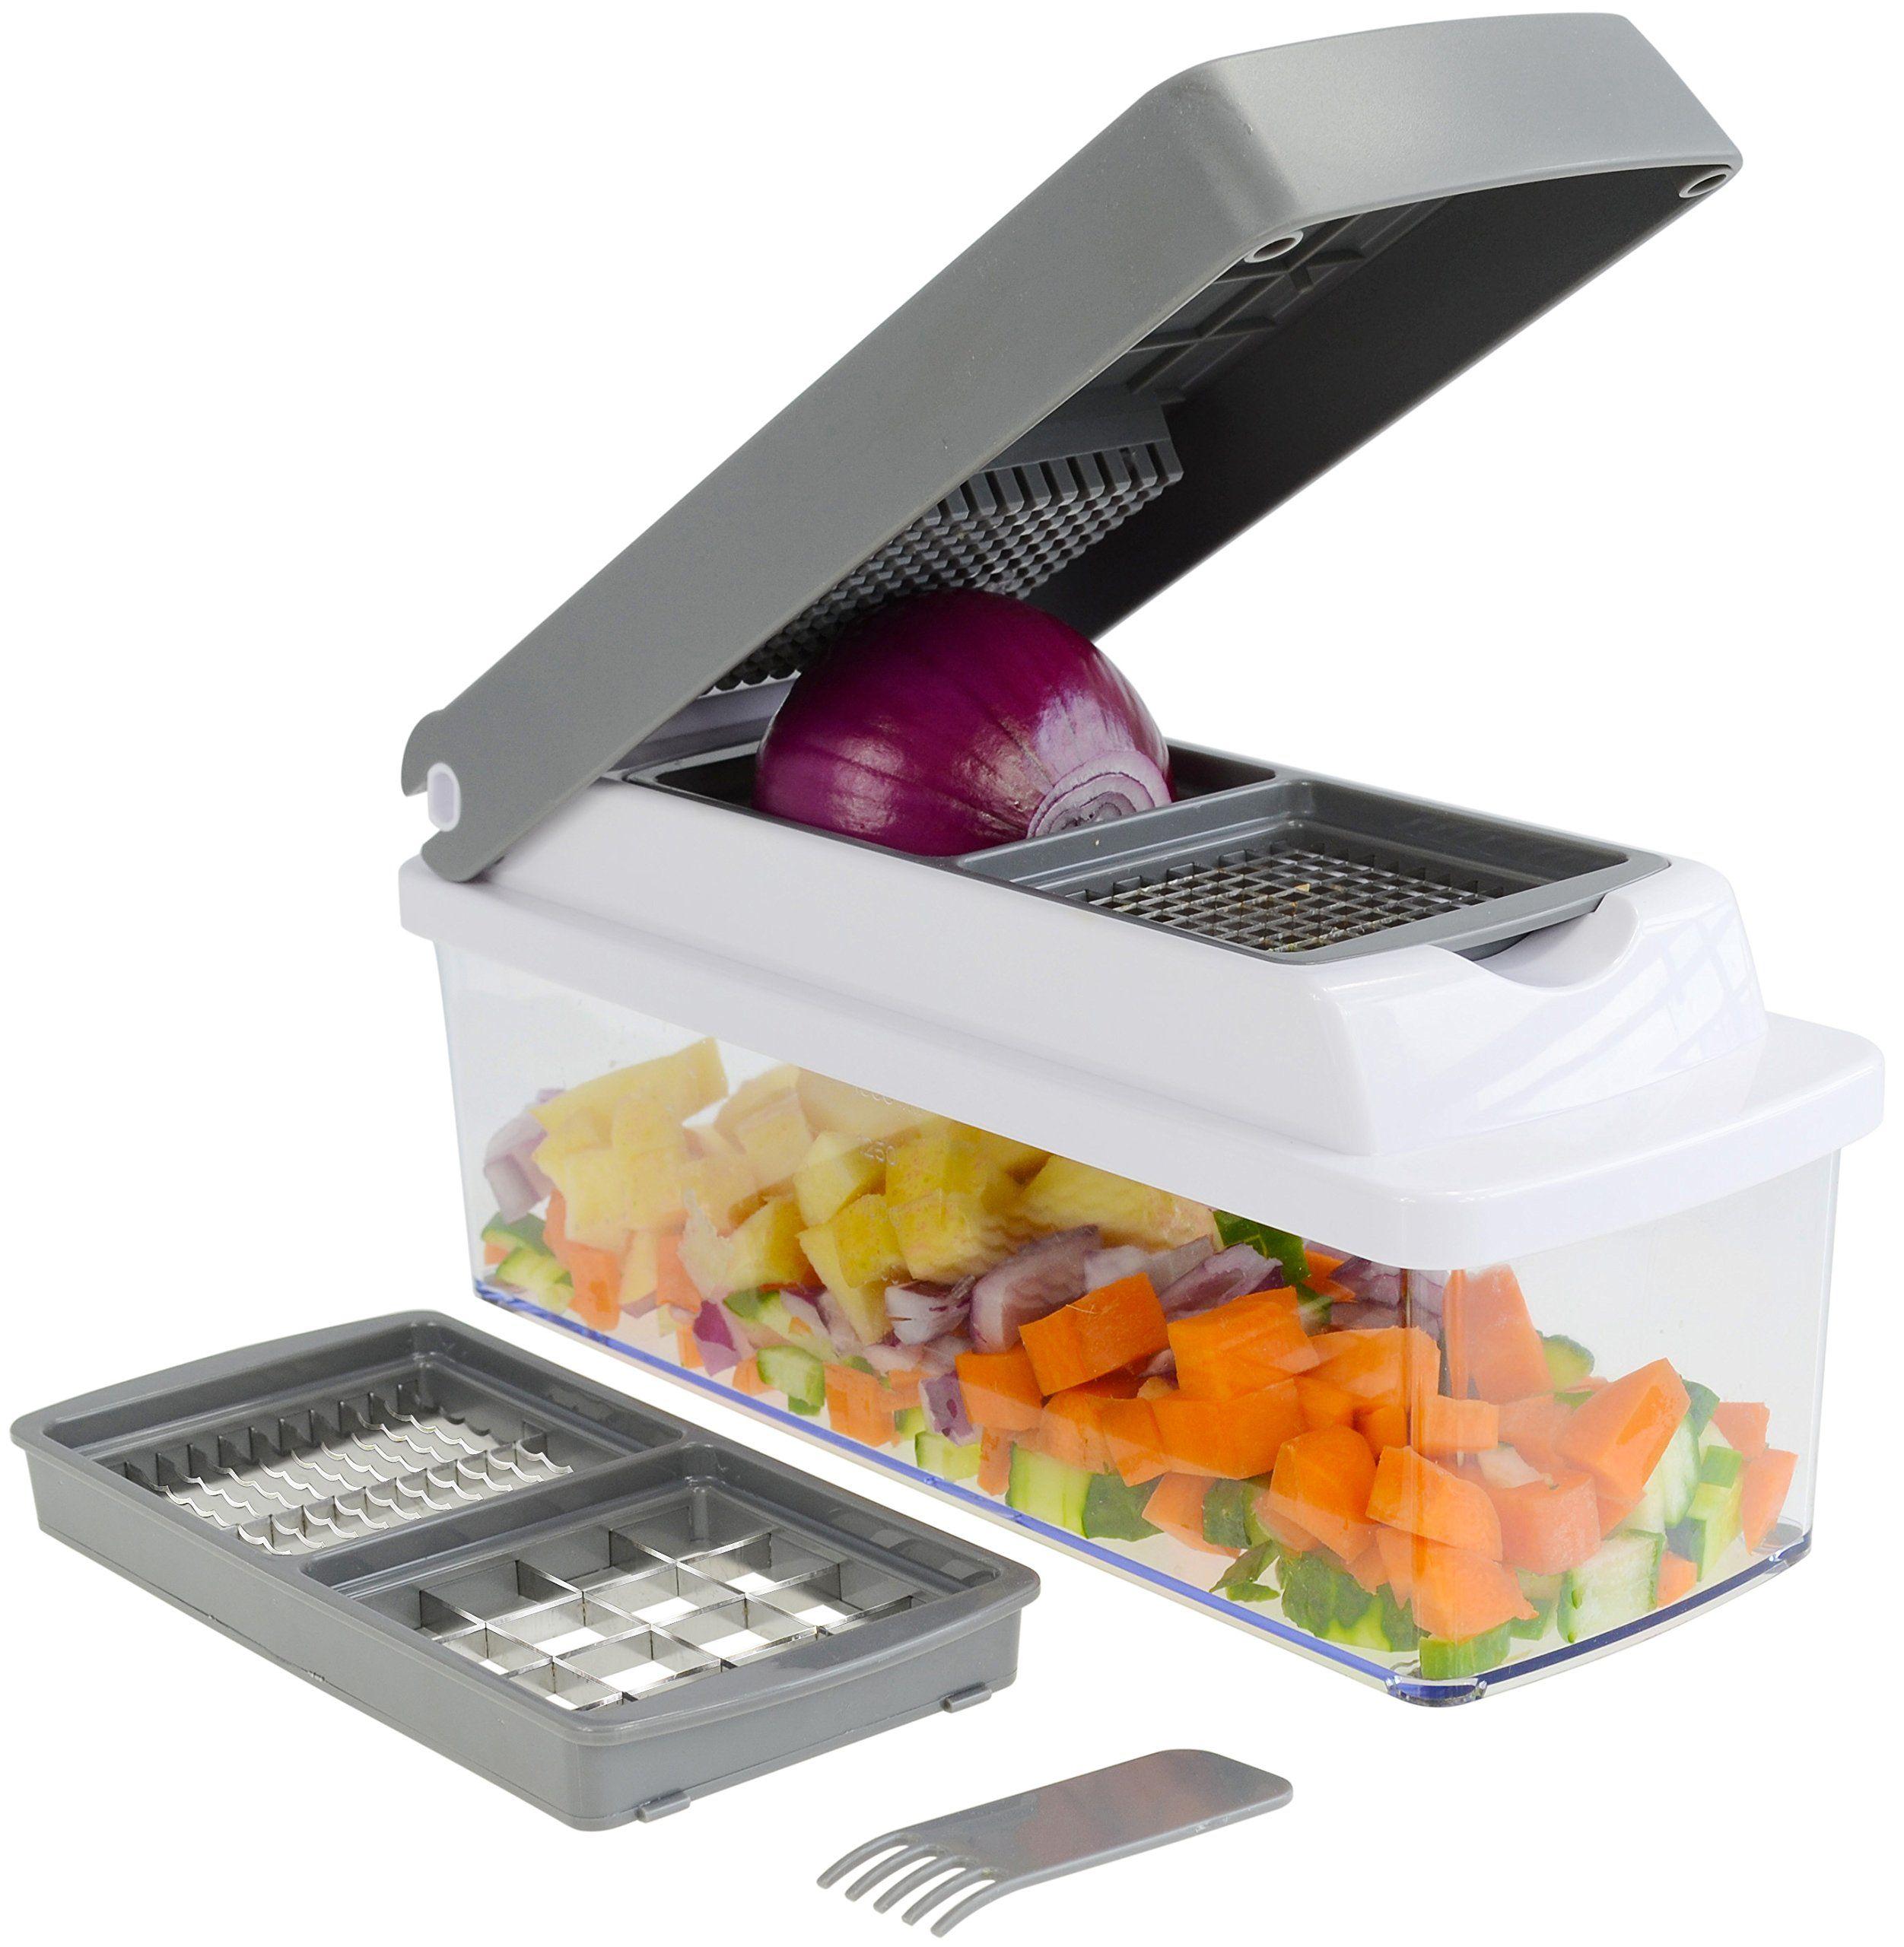 Amazon.com: Surpahs Chop Wizard - Multi Vegetable Cutter, Slicer ...